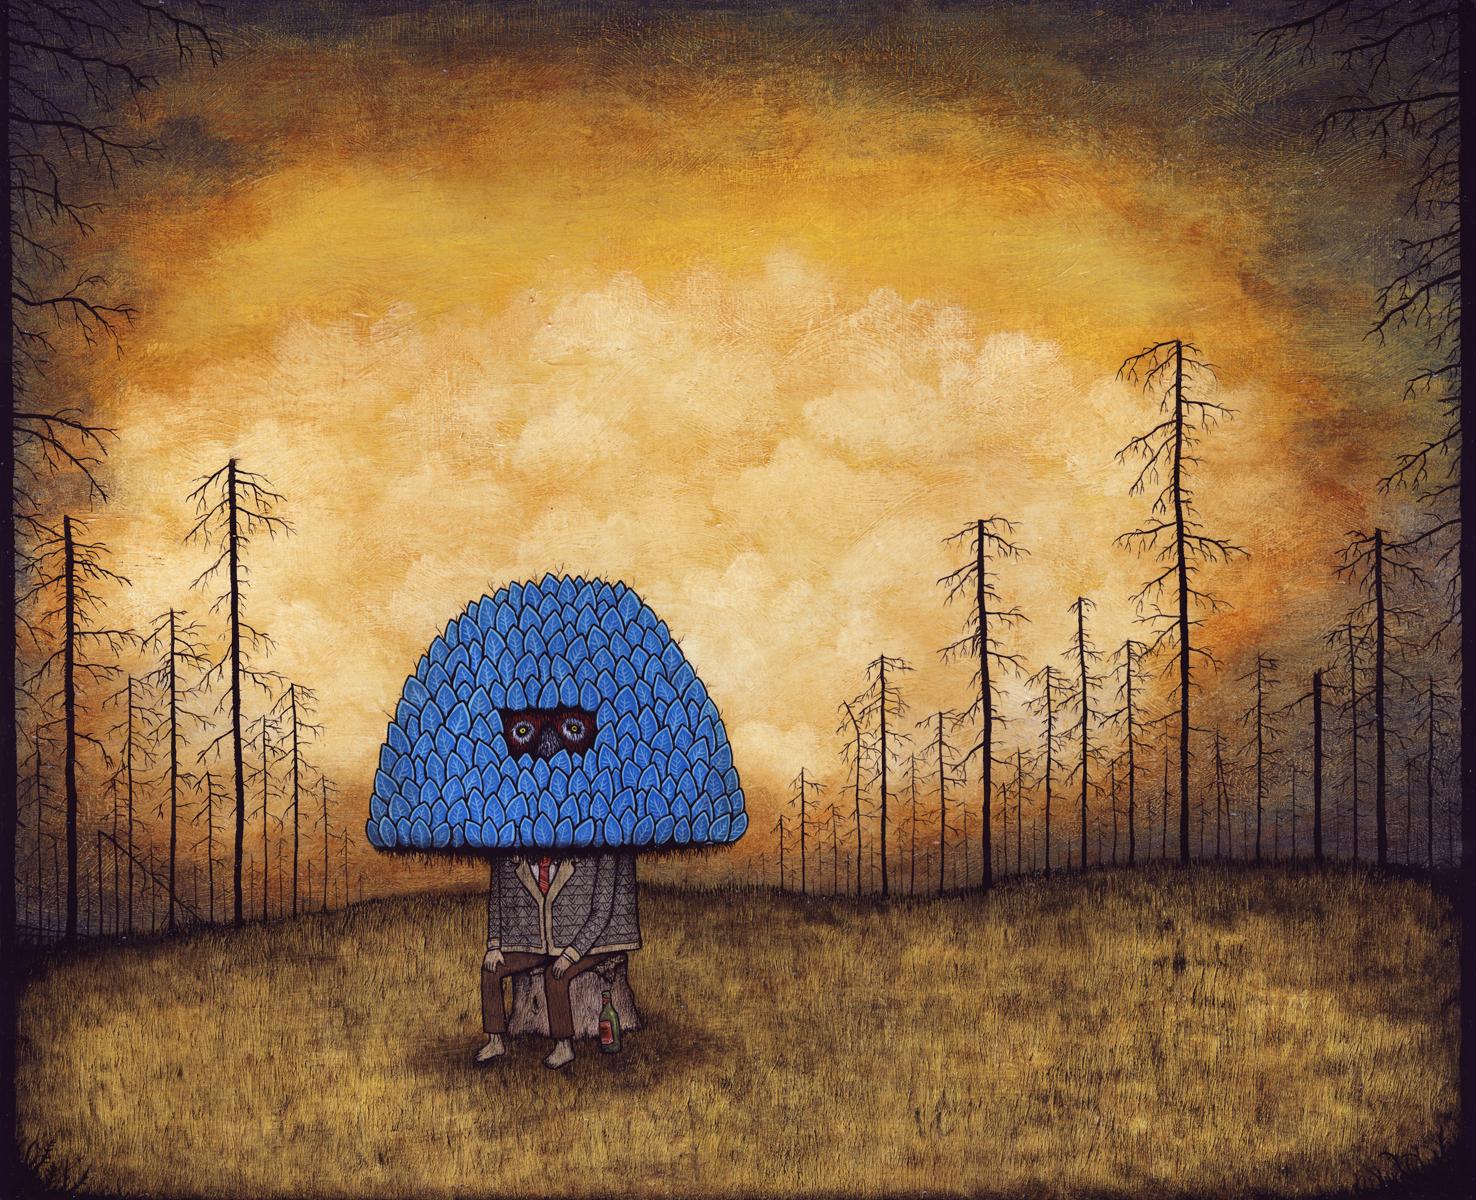 Desolation-Afflicts-Greedy-Hearted.jpg